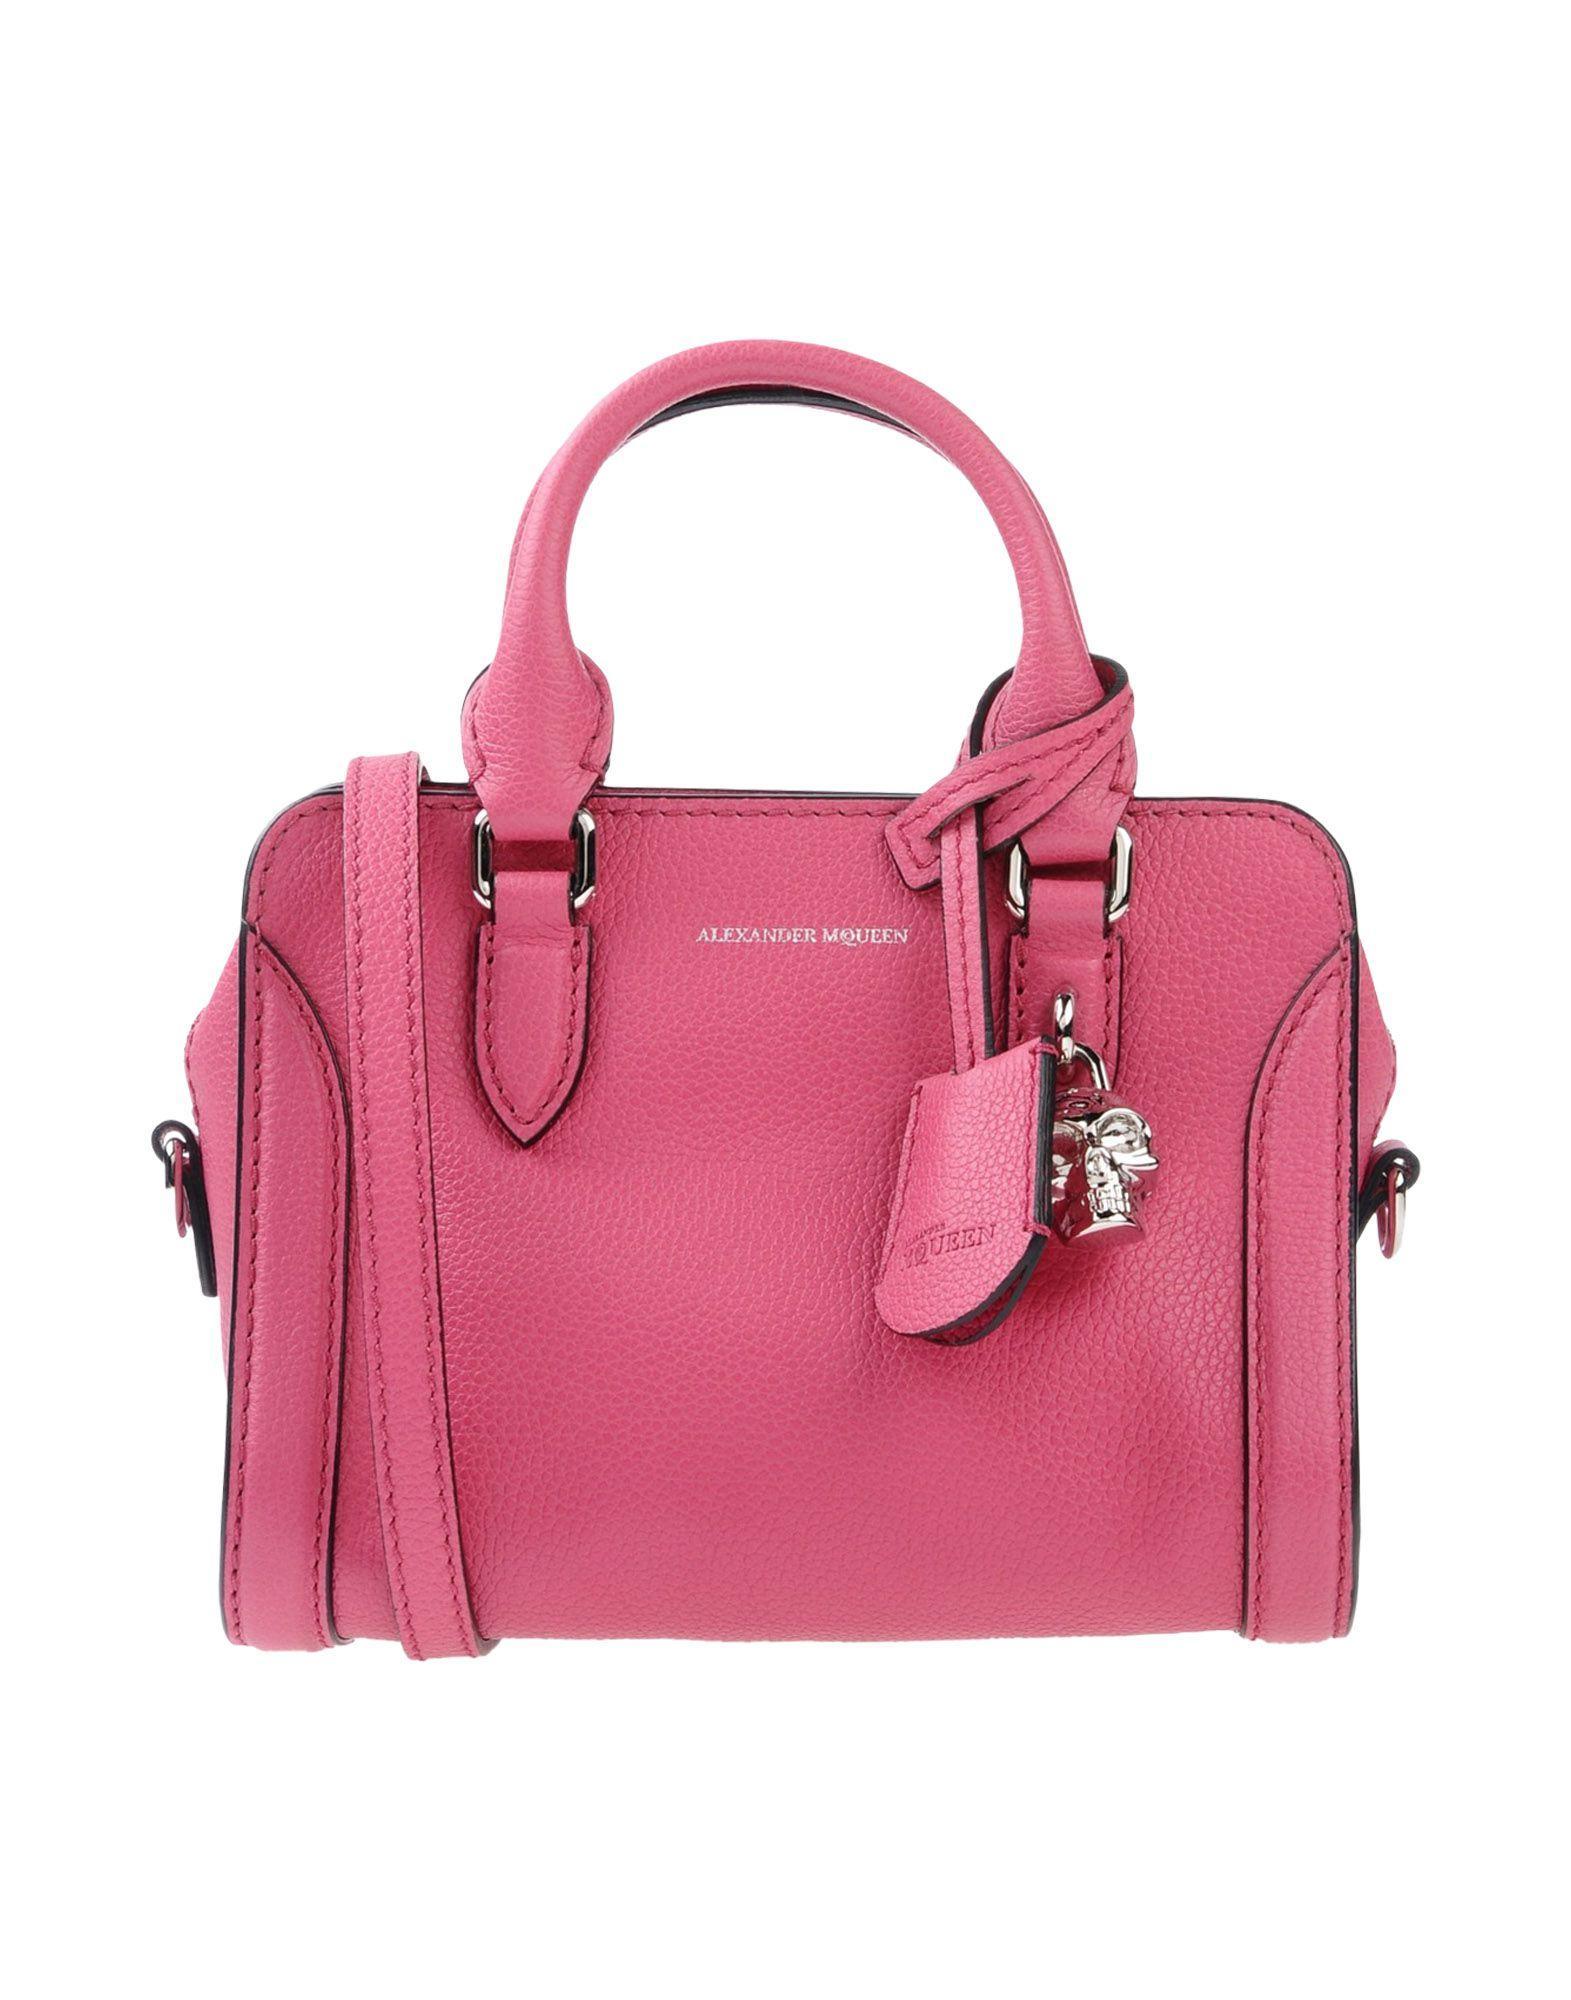 Alexander Mcqueen Handbags In Fuchsia | ModeSens